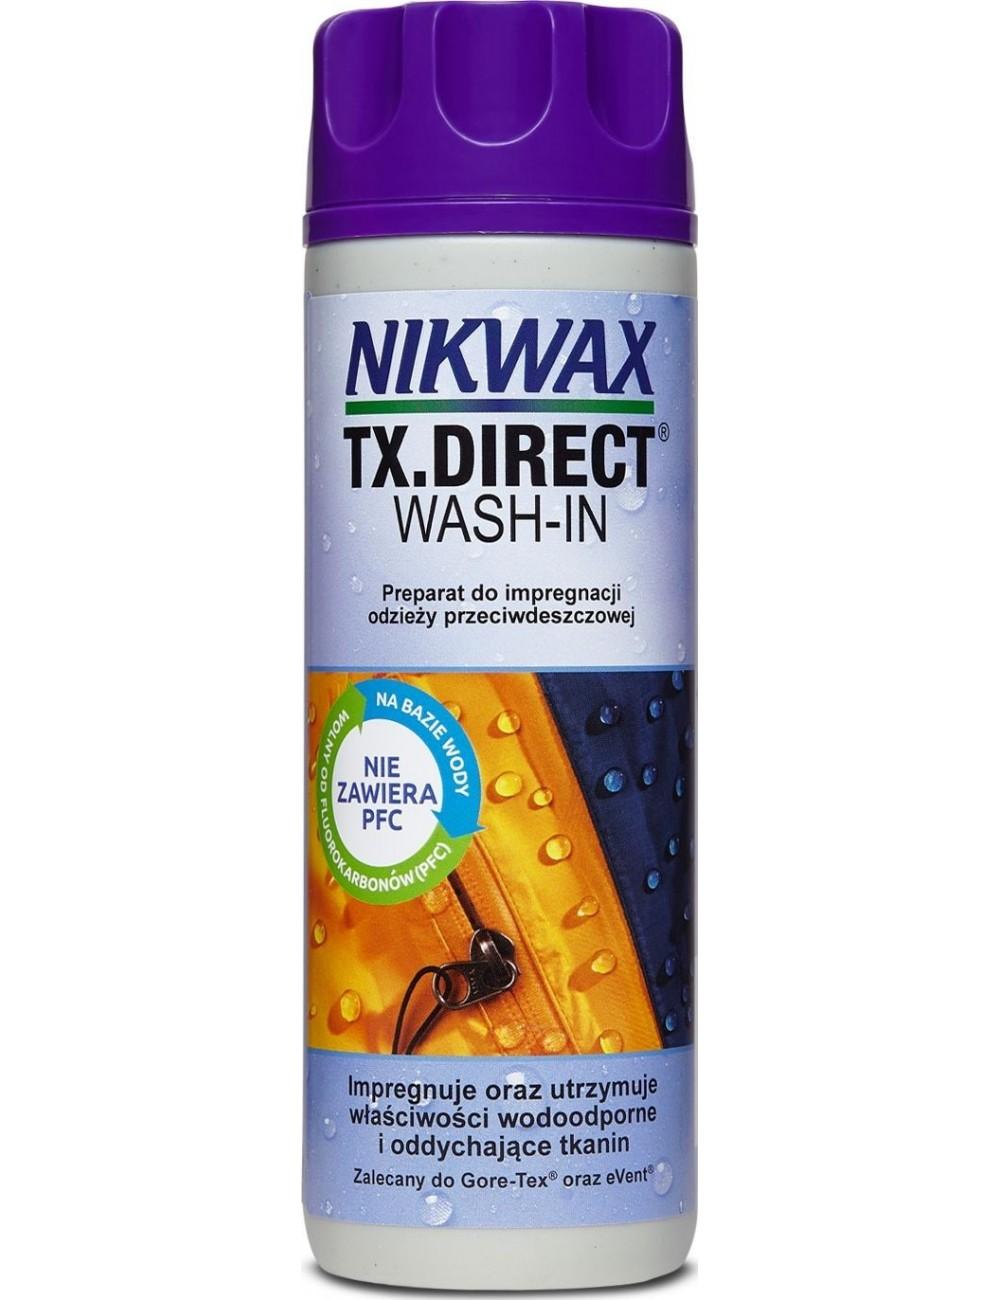 Impregnat NIKWAX NI-12 TX-Direct Wash-in do odzieży